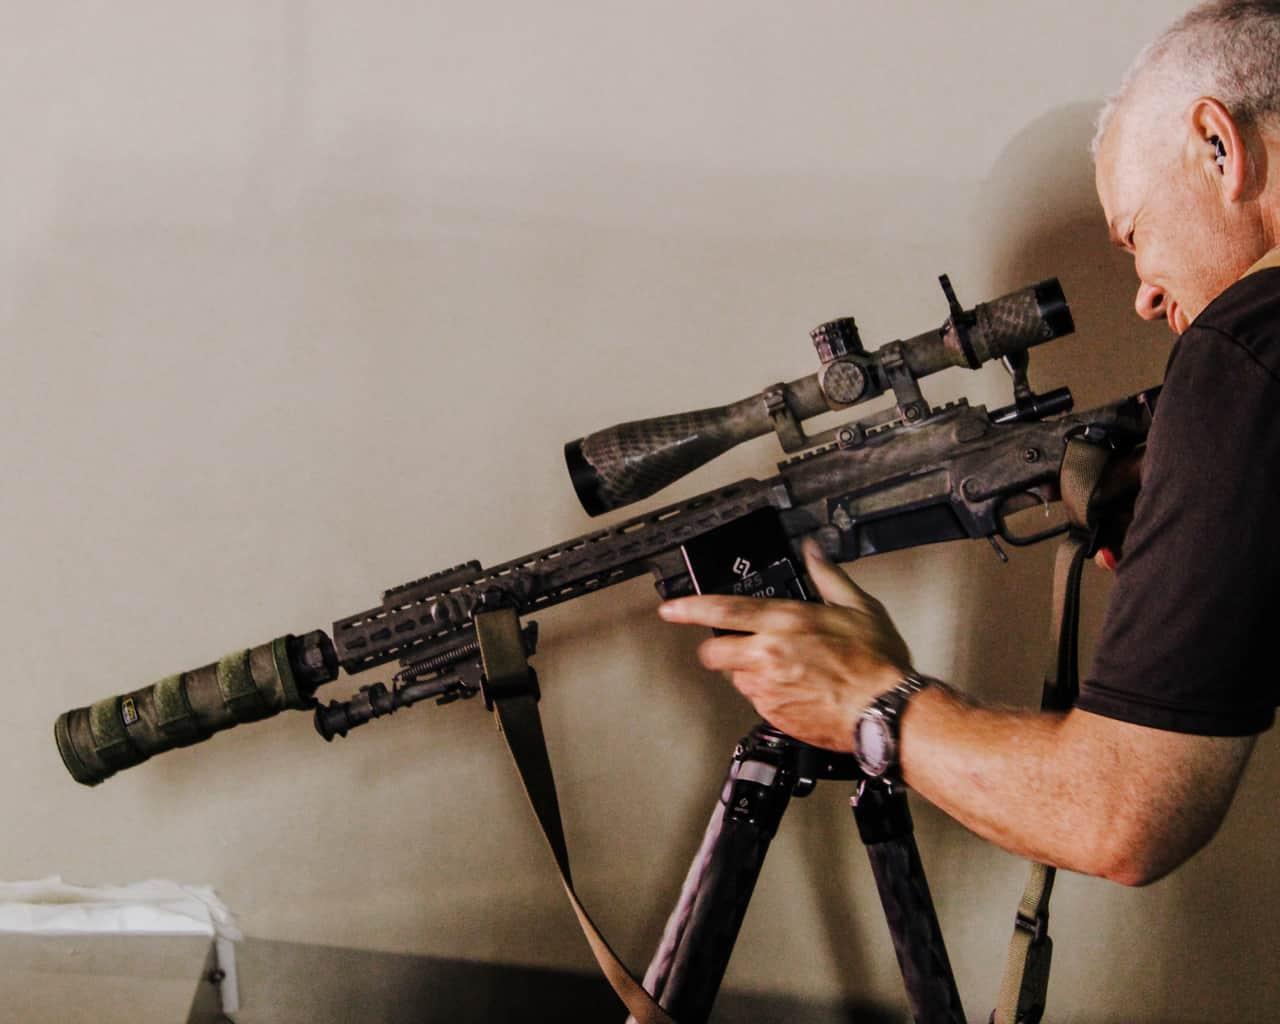 police-sniper-tripod-utilization-course-14